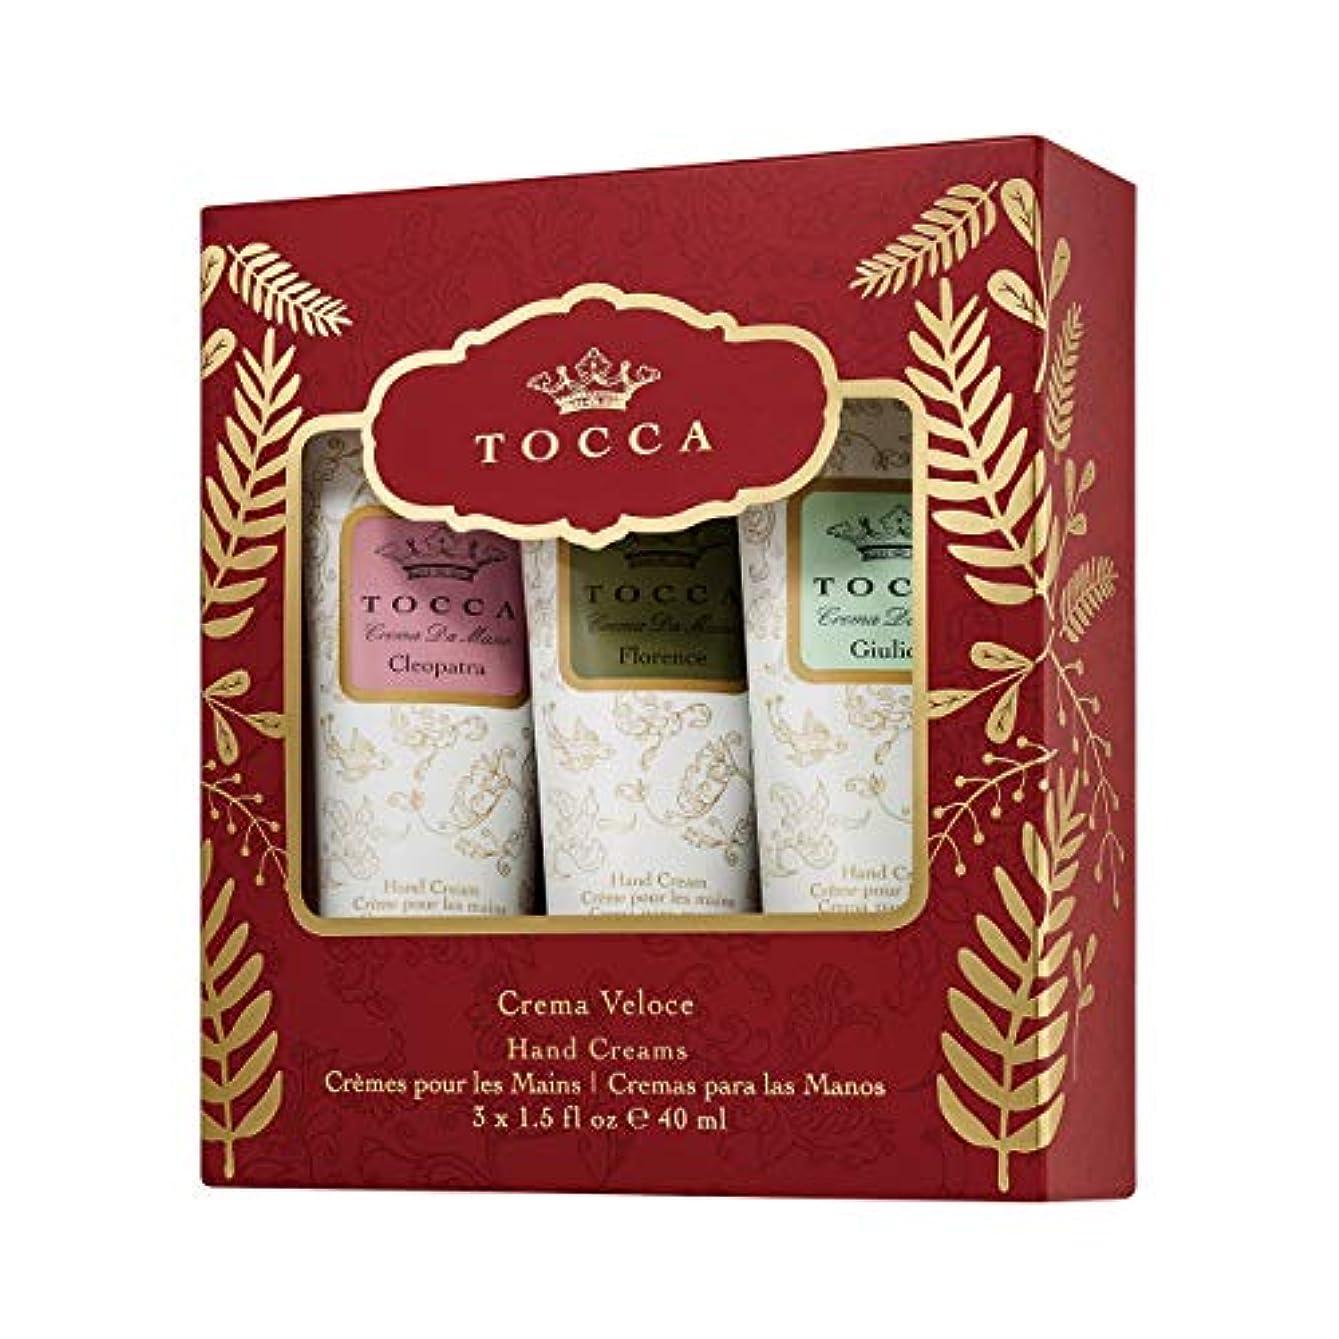 セットするシロクマとは異なりTOCCA クレマヴェローチェパルマ ハンドクリーム3本入った贅沢な贈り物(手指保湿?小分けギフト)